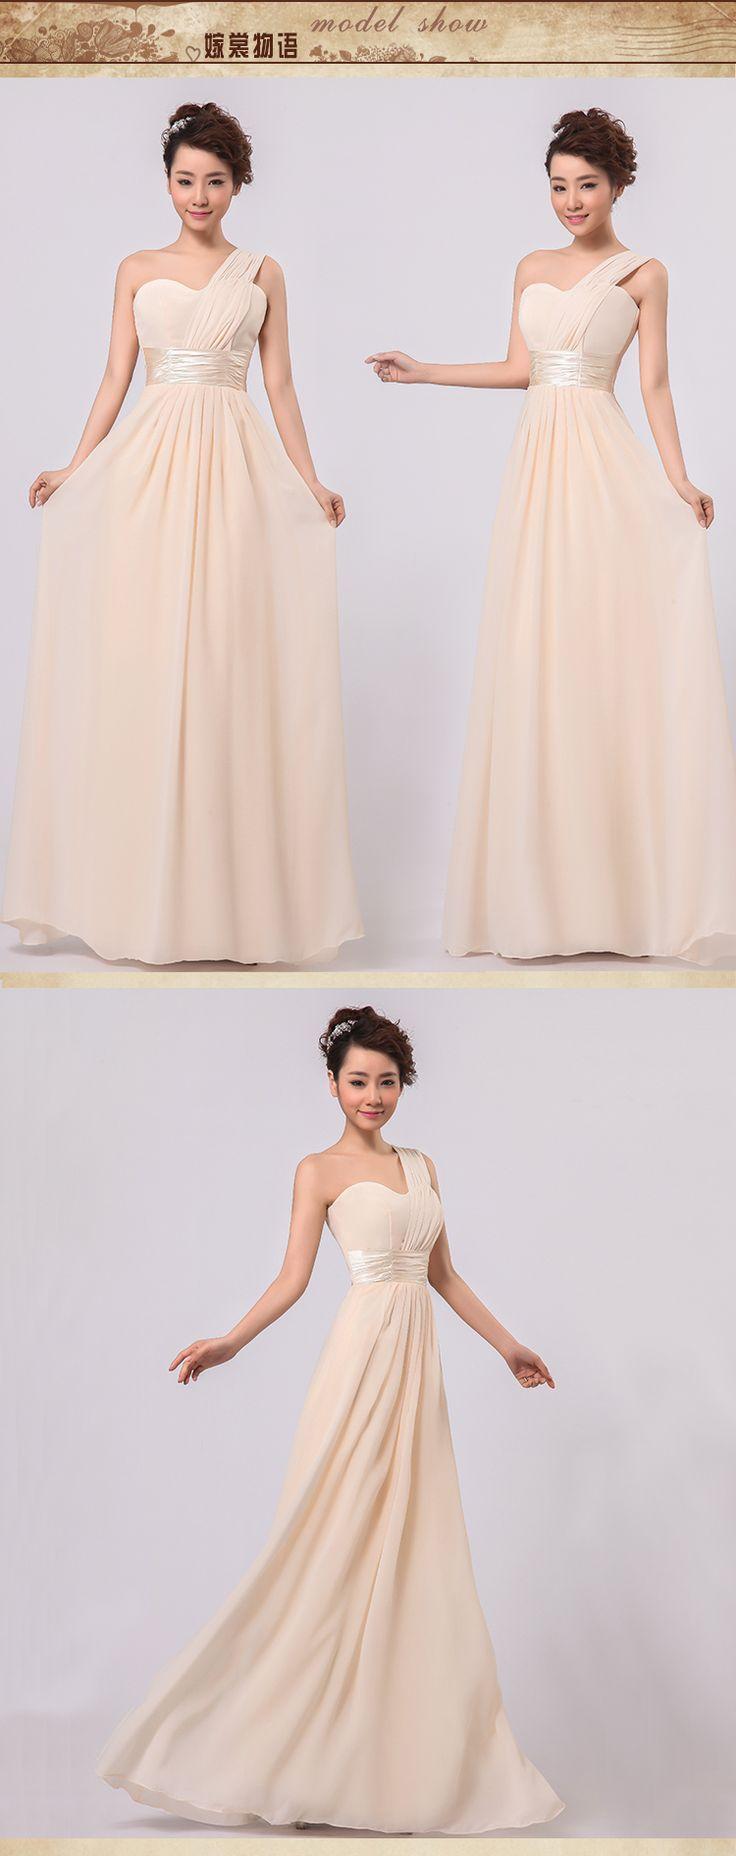 2014 новое поступление одно плечо шифон красный платье невесты с мода элегантный дизайн женская вечернее платье невесты, принадлежащий категории Платья подружек невесты и относящийся к Одежда и аксессуары на сайте AliExpress.com   Alibaba Group